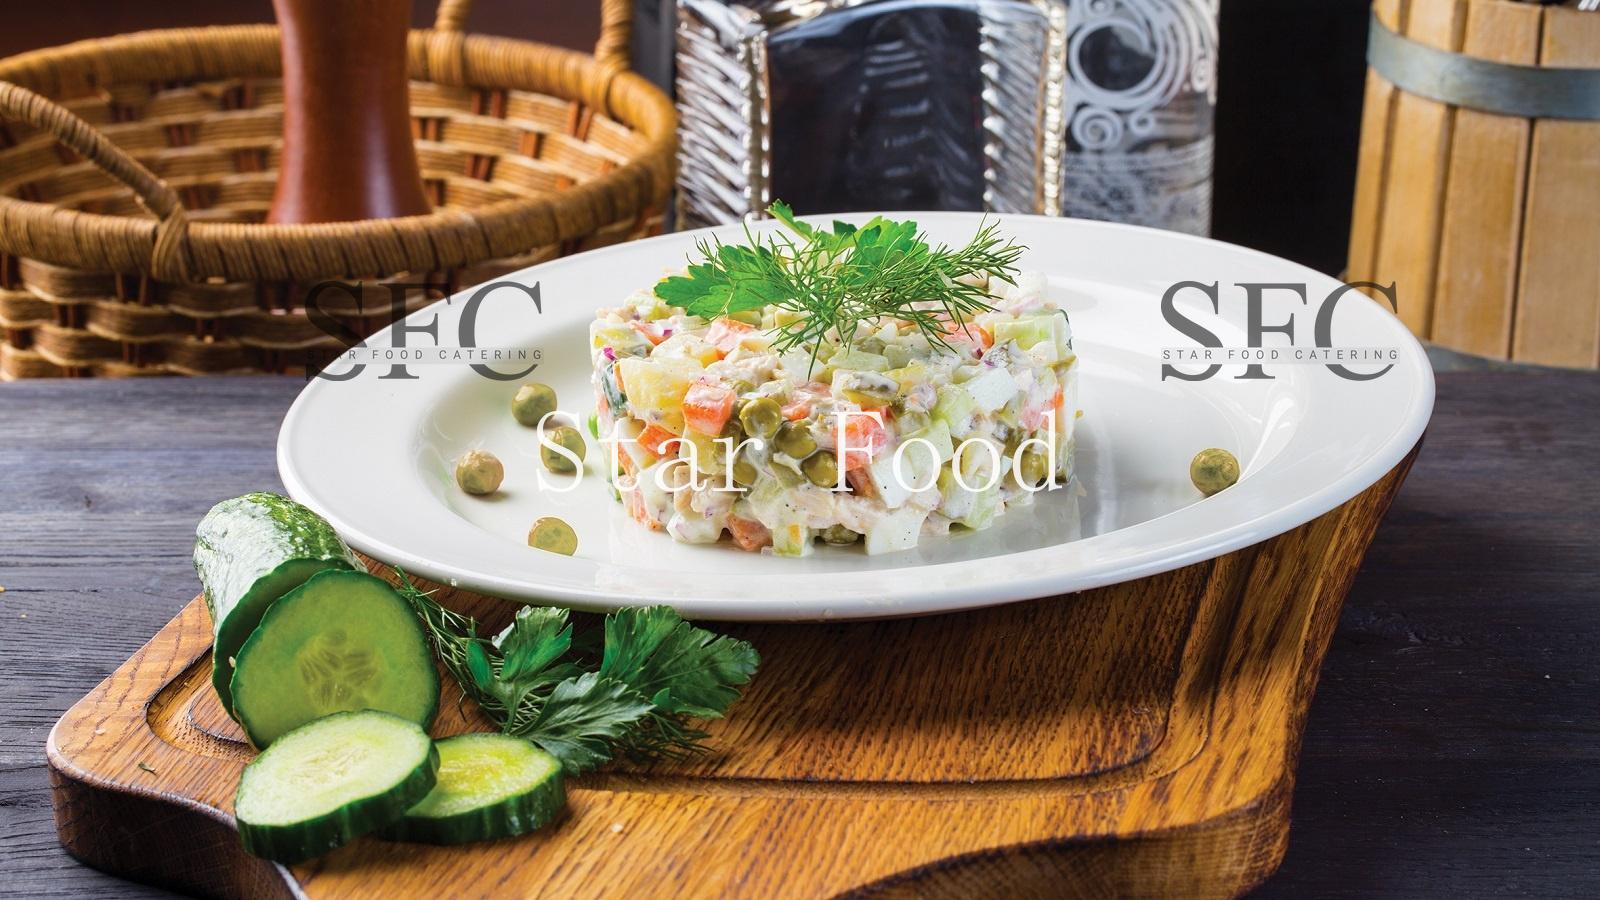 они картинки салат оливье в ресторане съемок первых серий